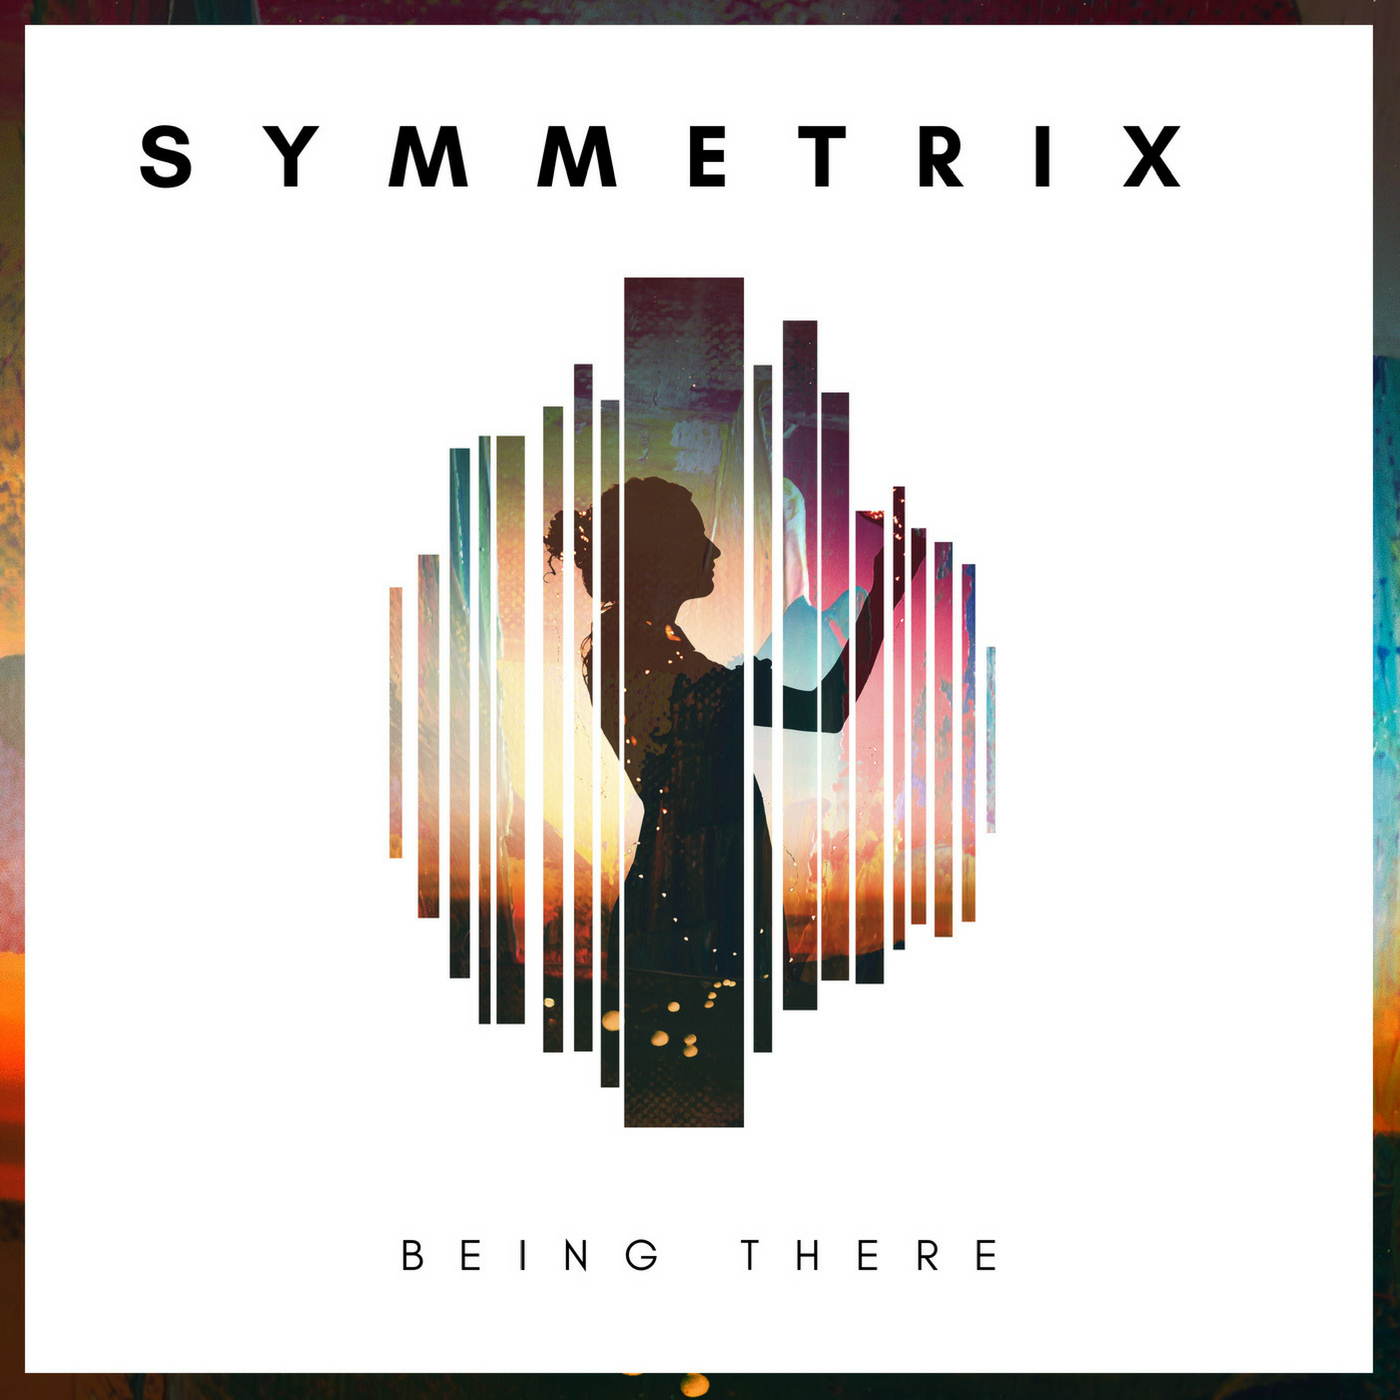 Symmetrix Album Cover Front.jpg